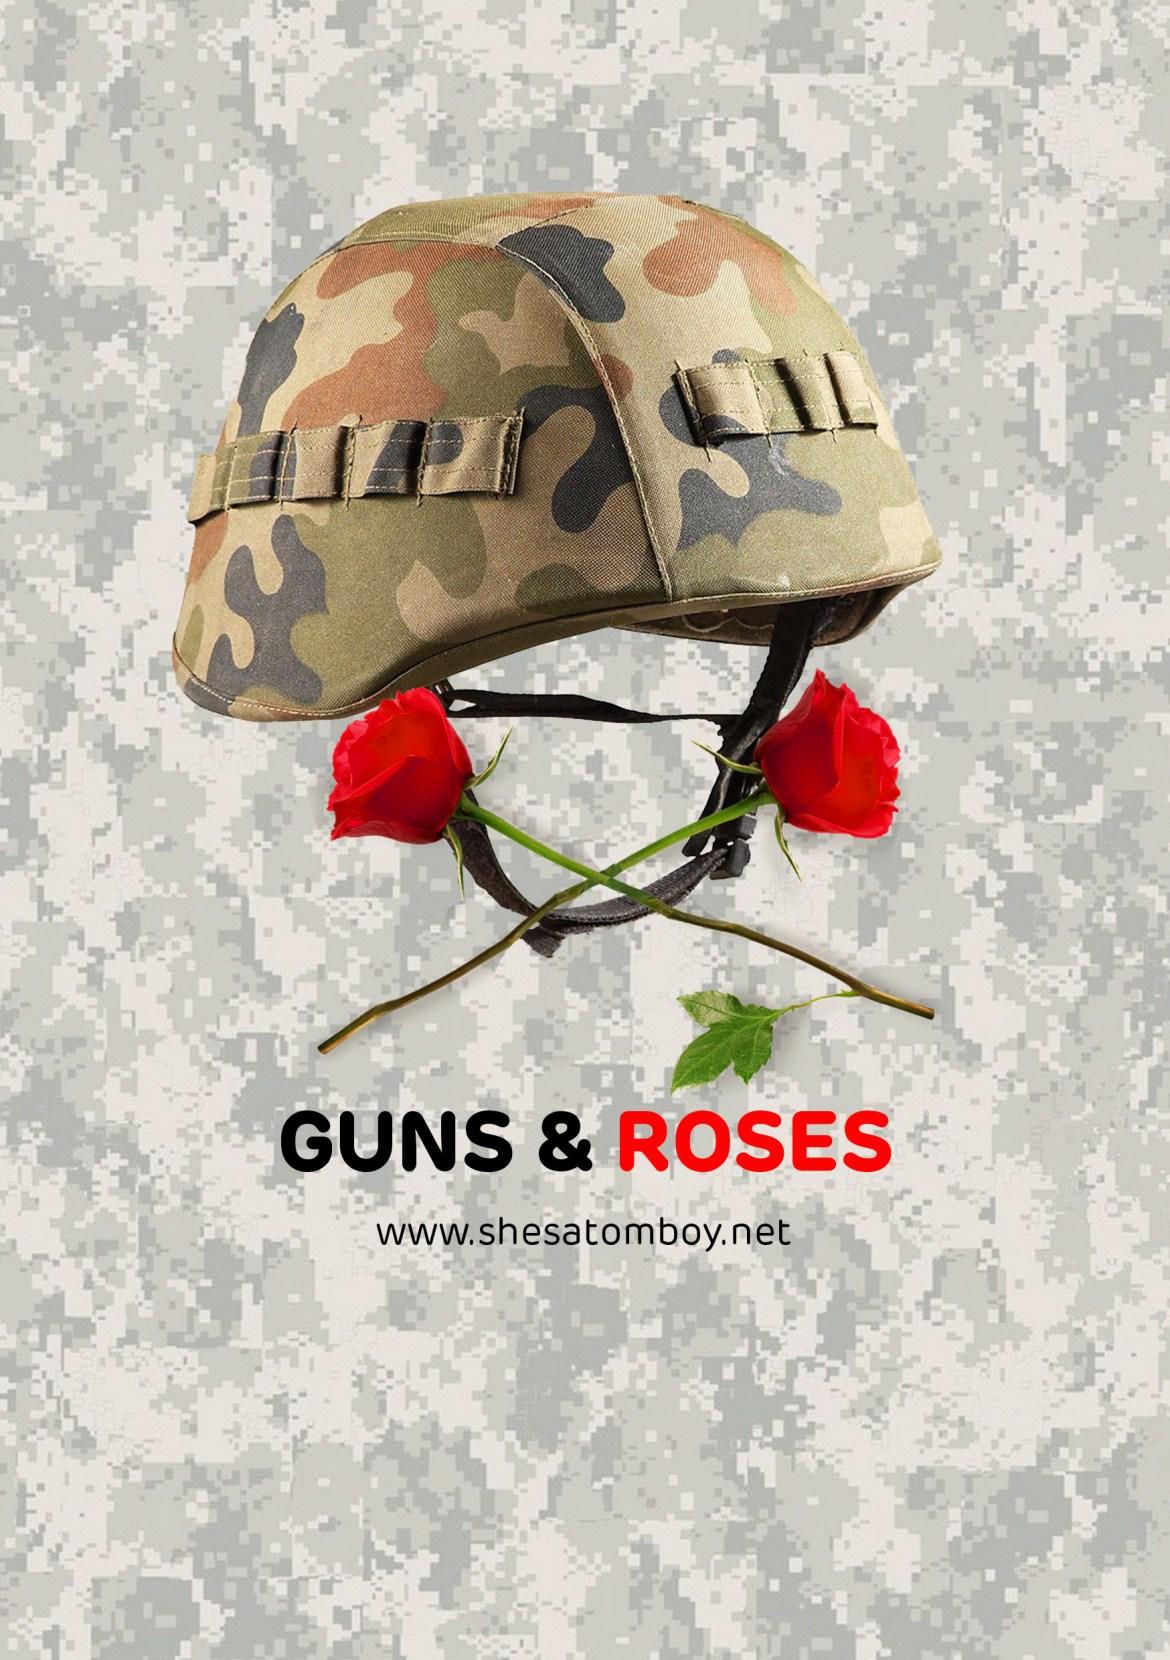 guns-and-roses